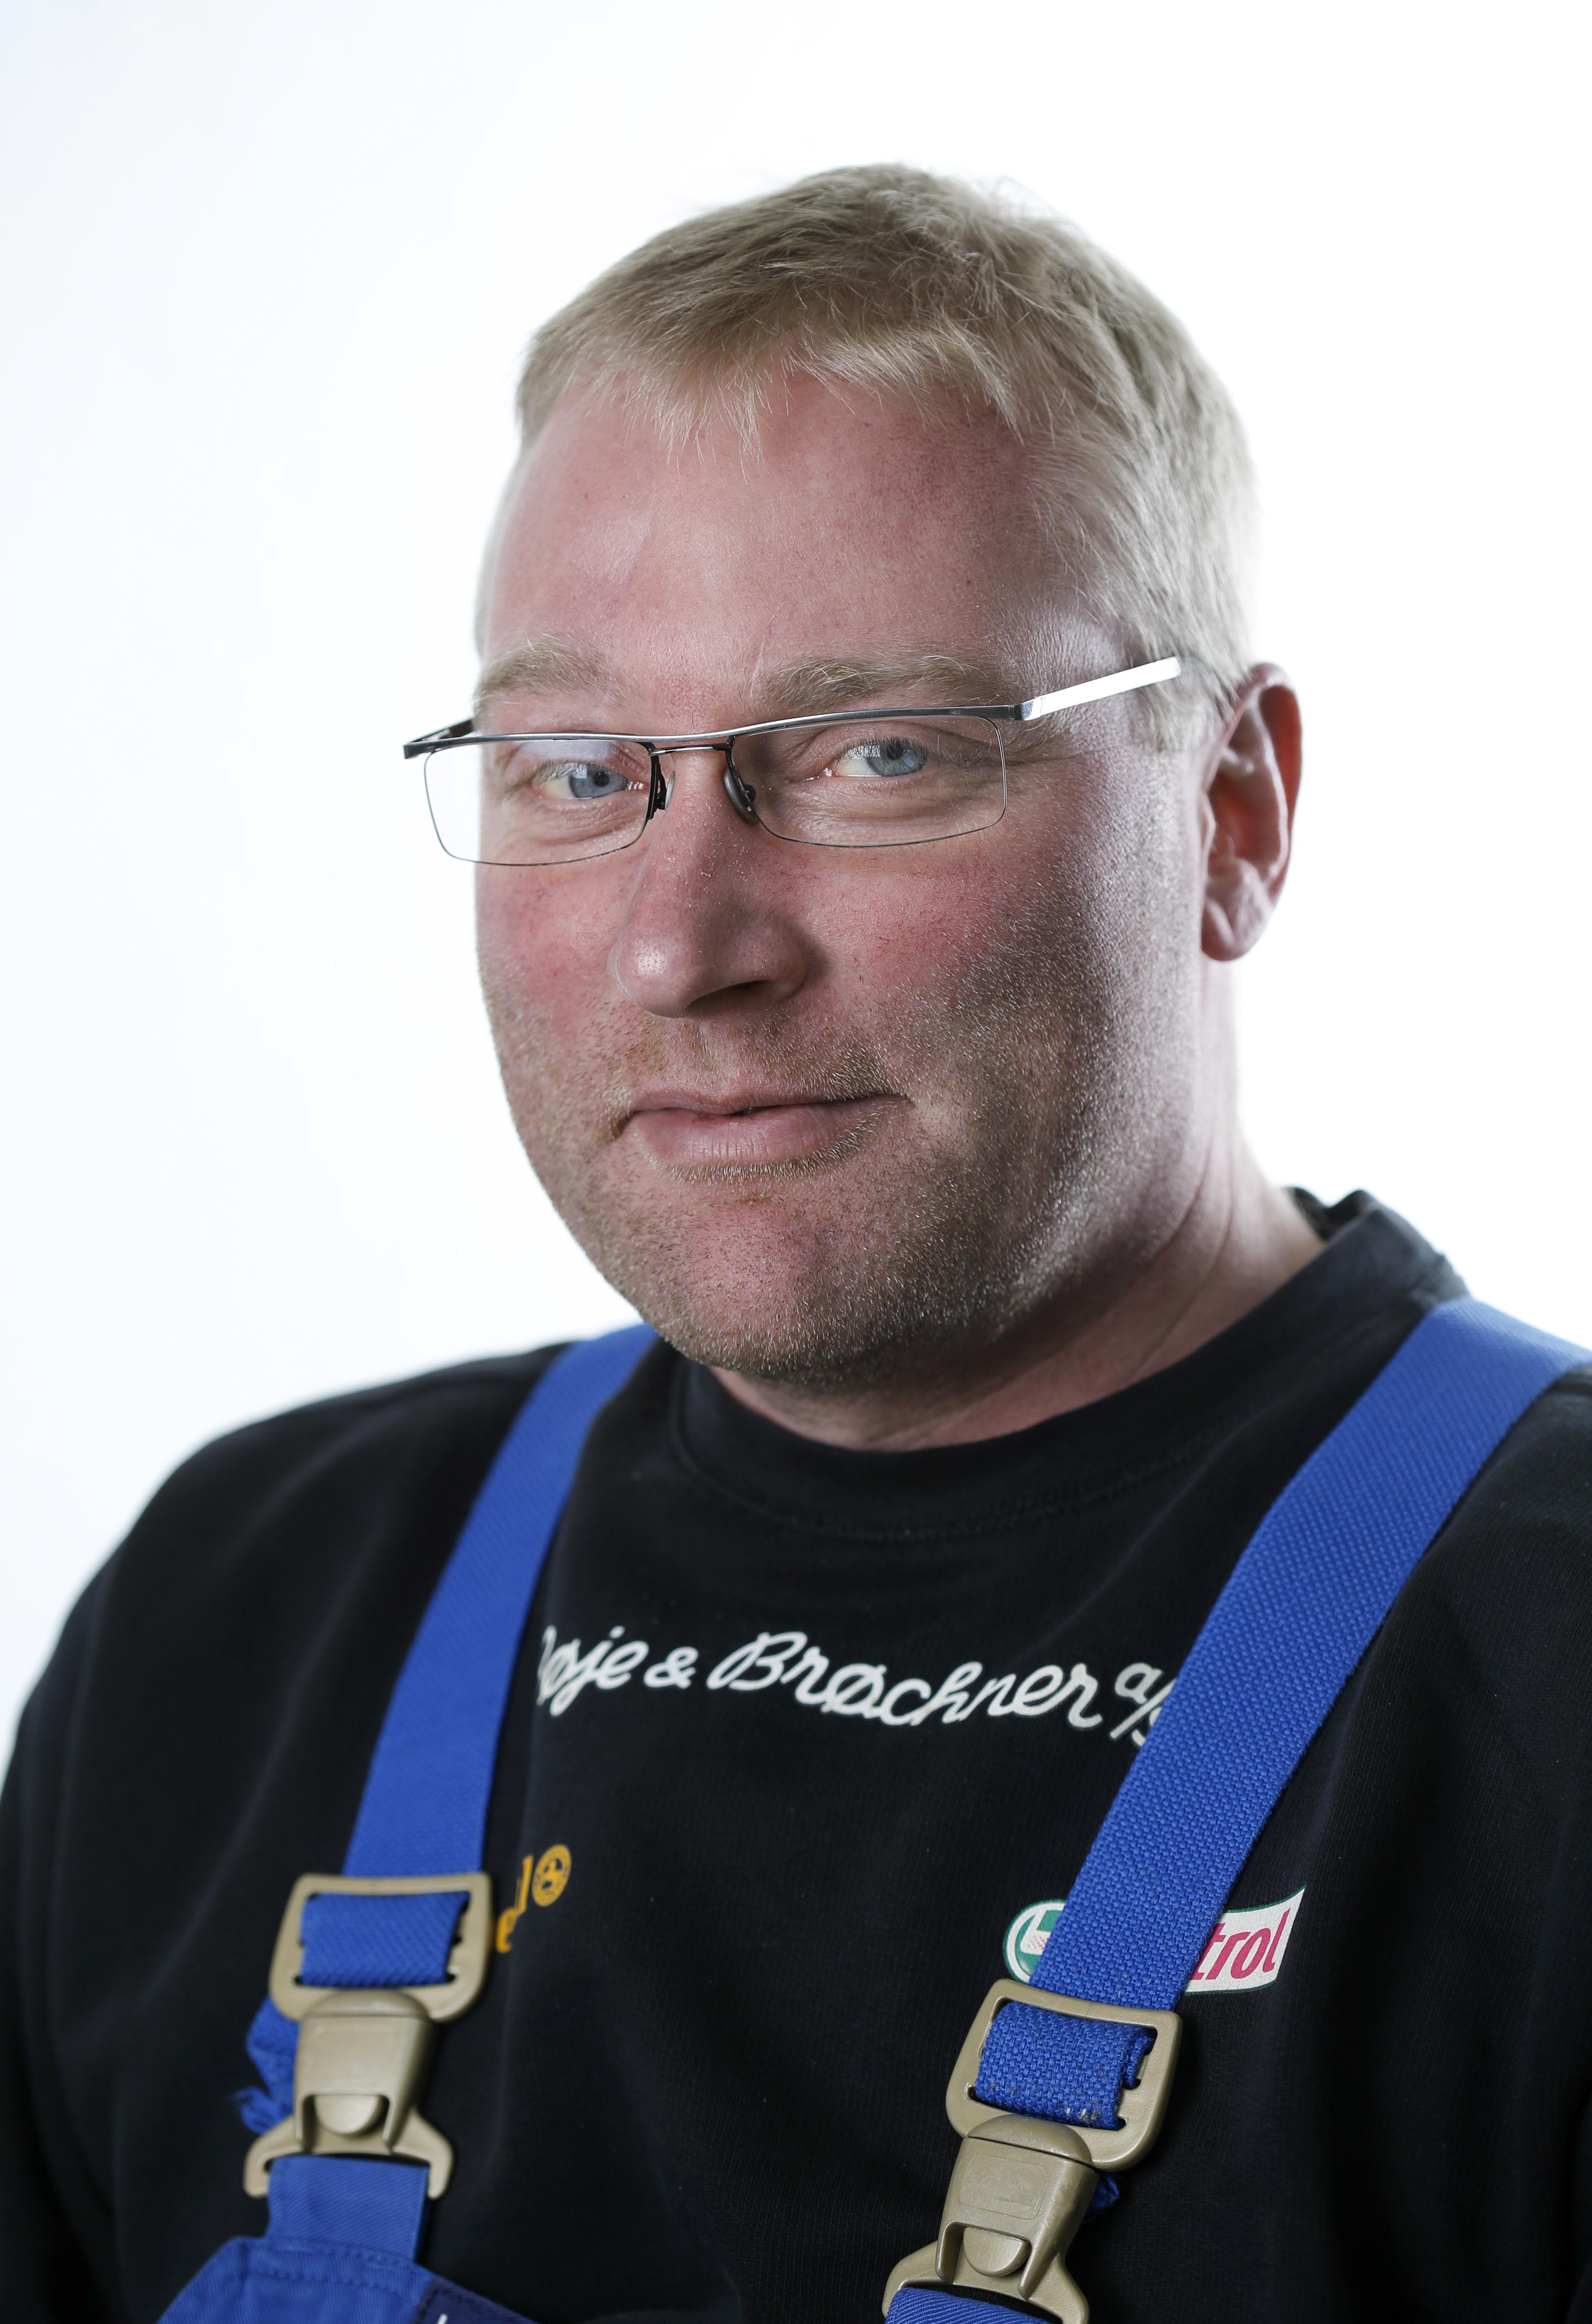 Lars Høyerby